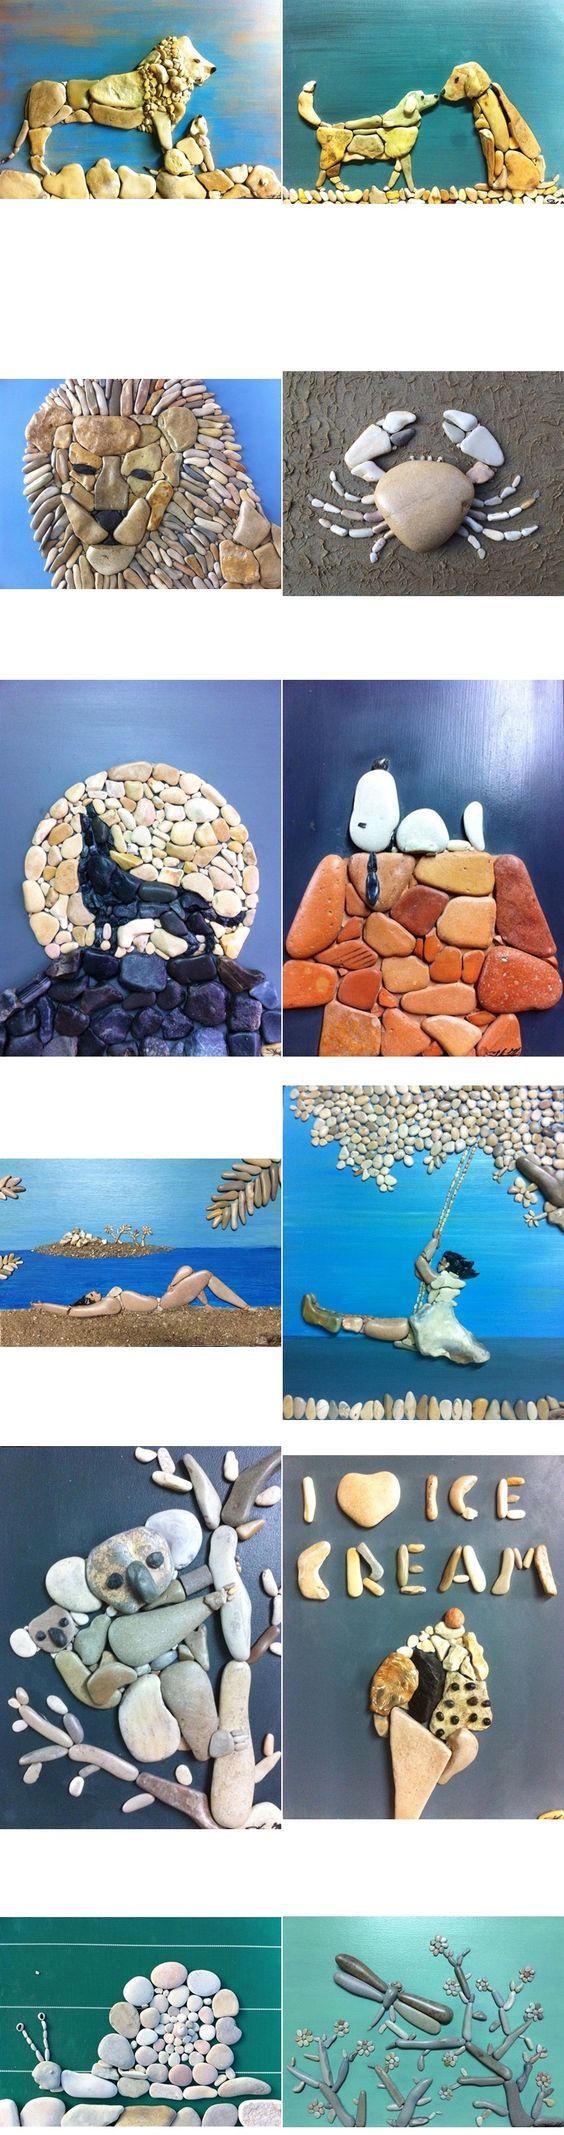 ----更多DIY理念----这是一组真正令人鼓舞的创意石艺设计。你可以制作可爱的人物或动物,像家庭或花园的墙壁,或花园的路径,或与他们的石地垫,酷!图片通过:sassidautore如果你已经看到了如上所述的做石垫的想法,或者如果你错过了,但有兴趣,你可以通过下面的链接检查列表:icreativeideas  -  DIY石地板垫